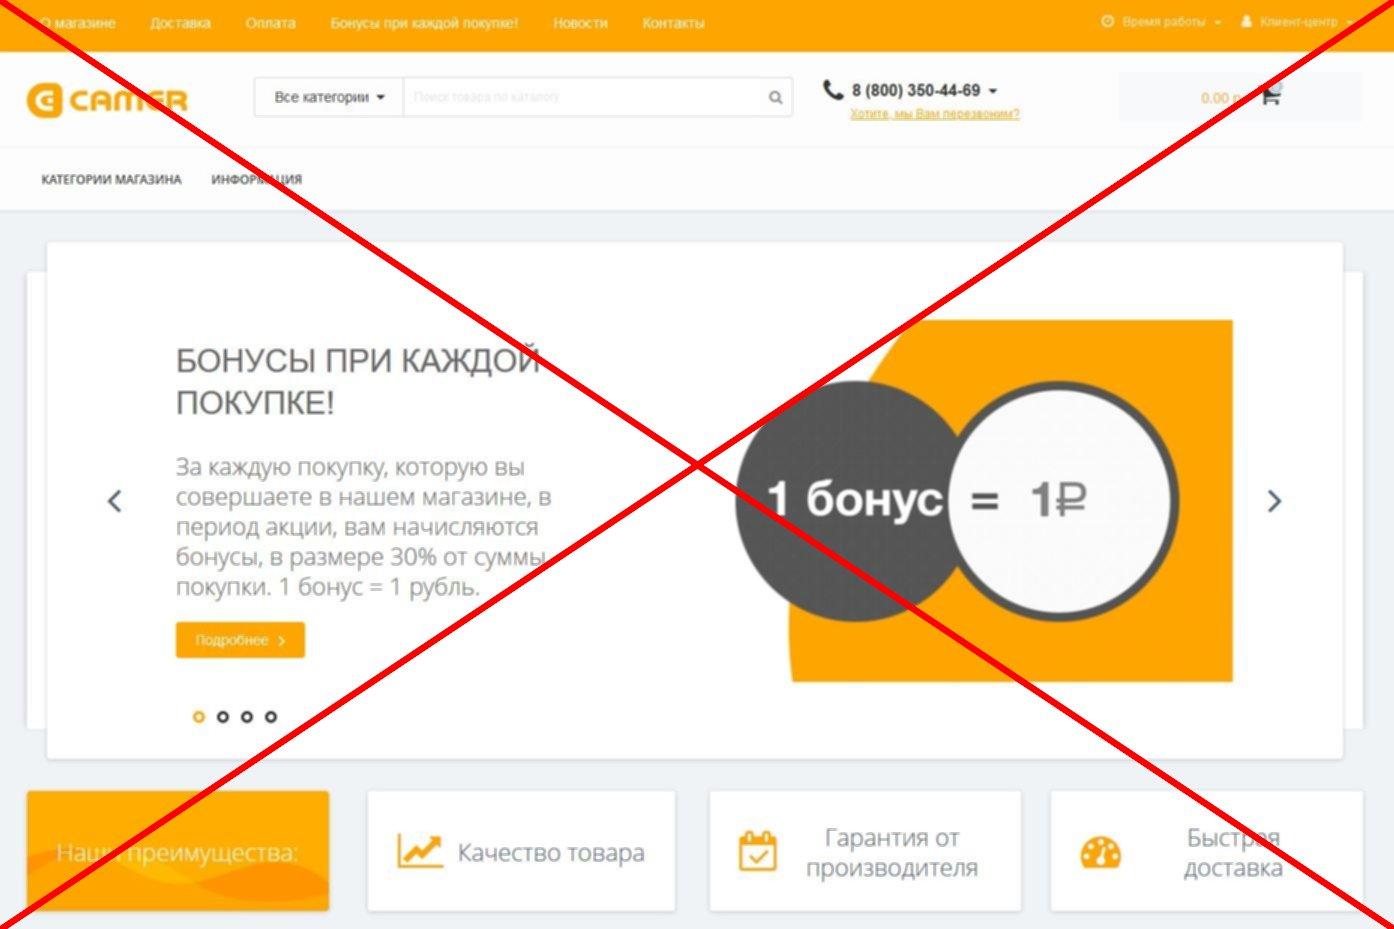 Скрин camer.ru